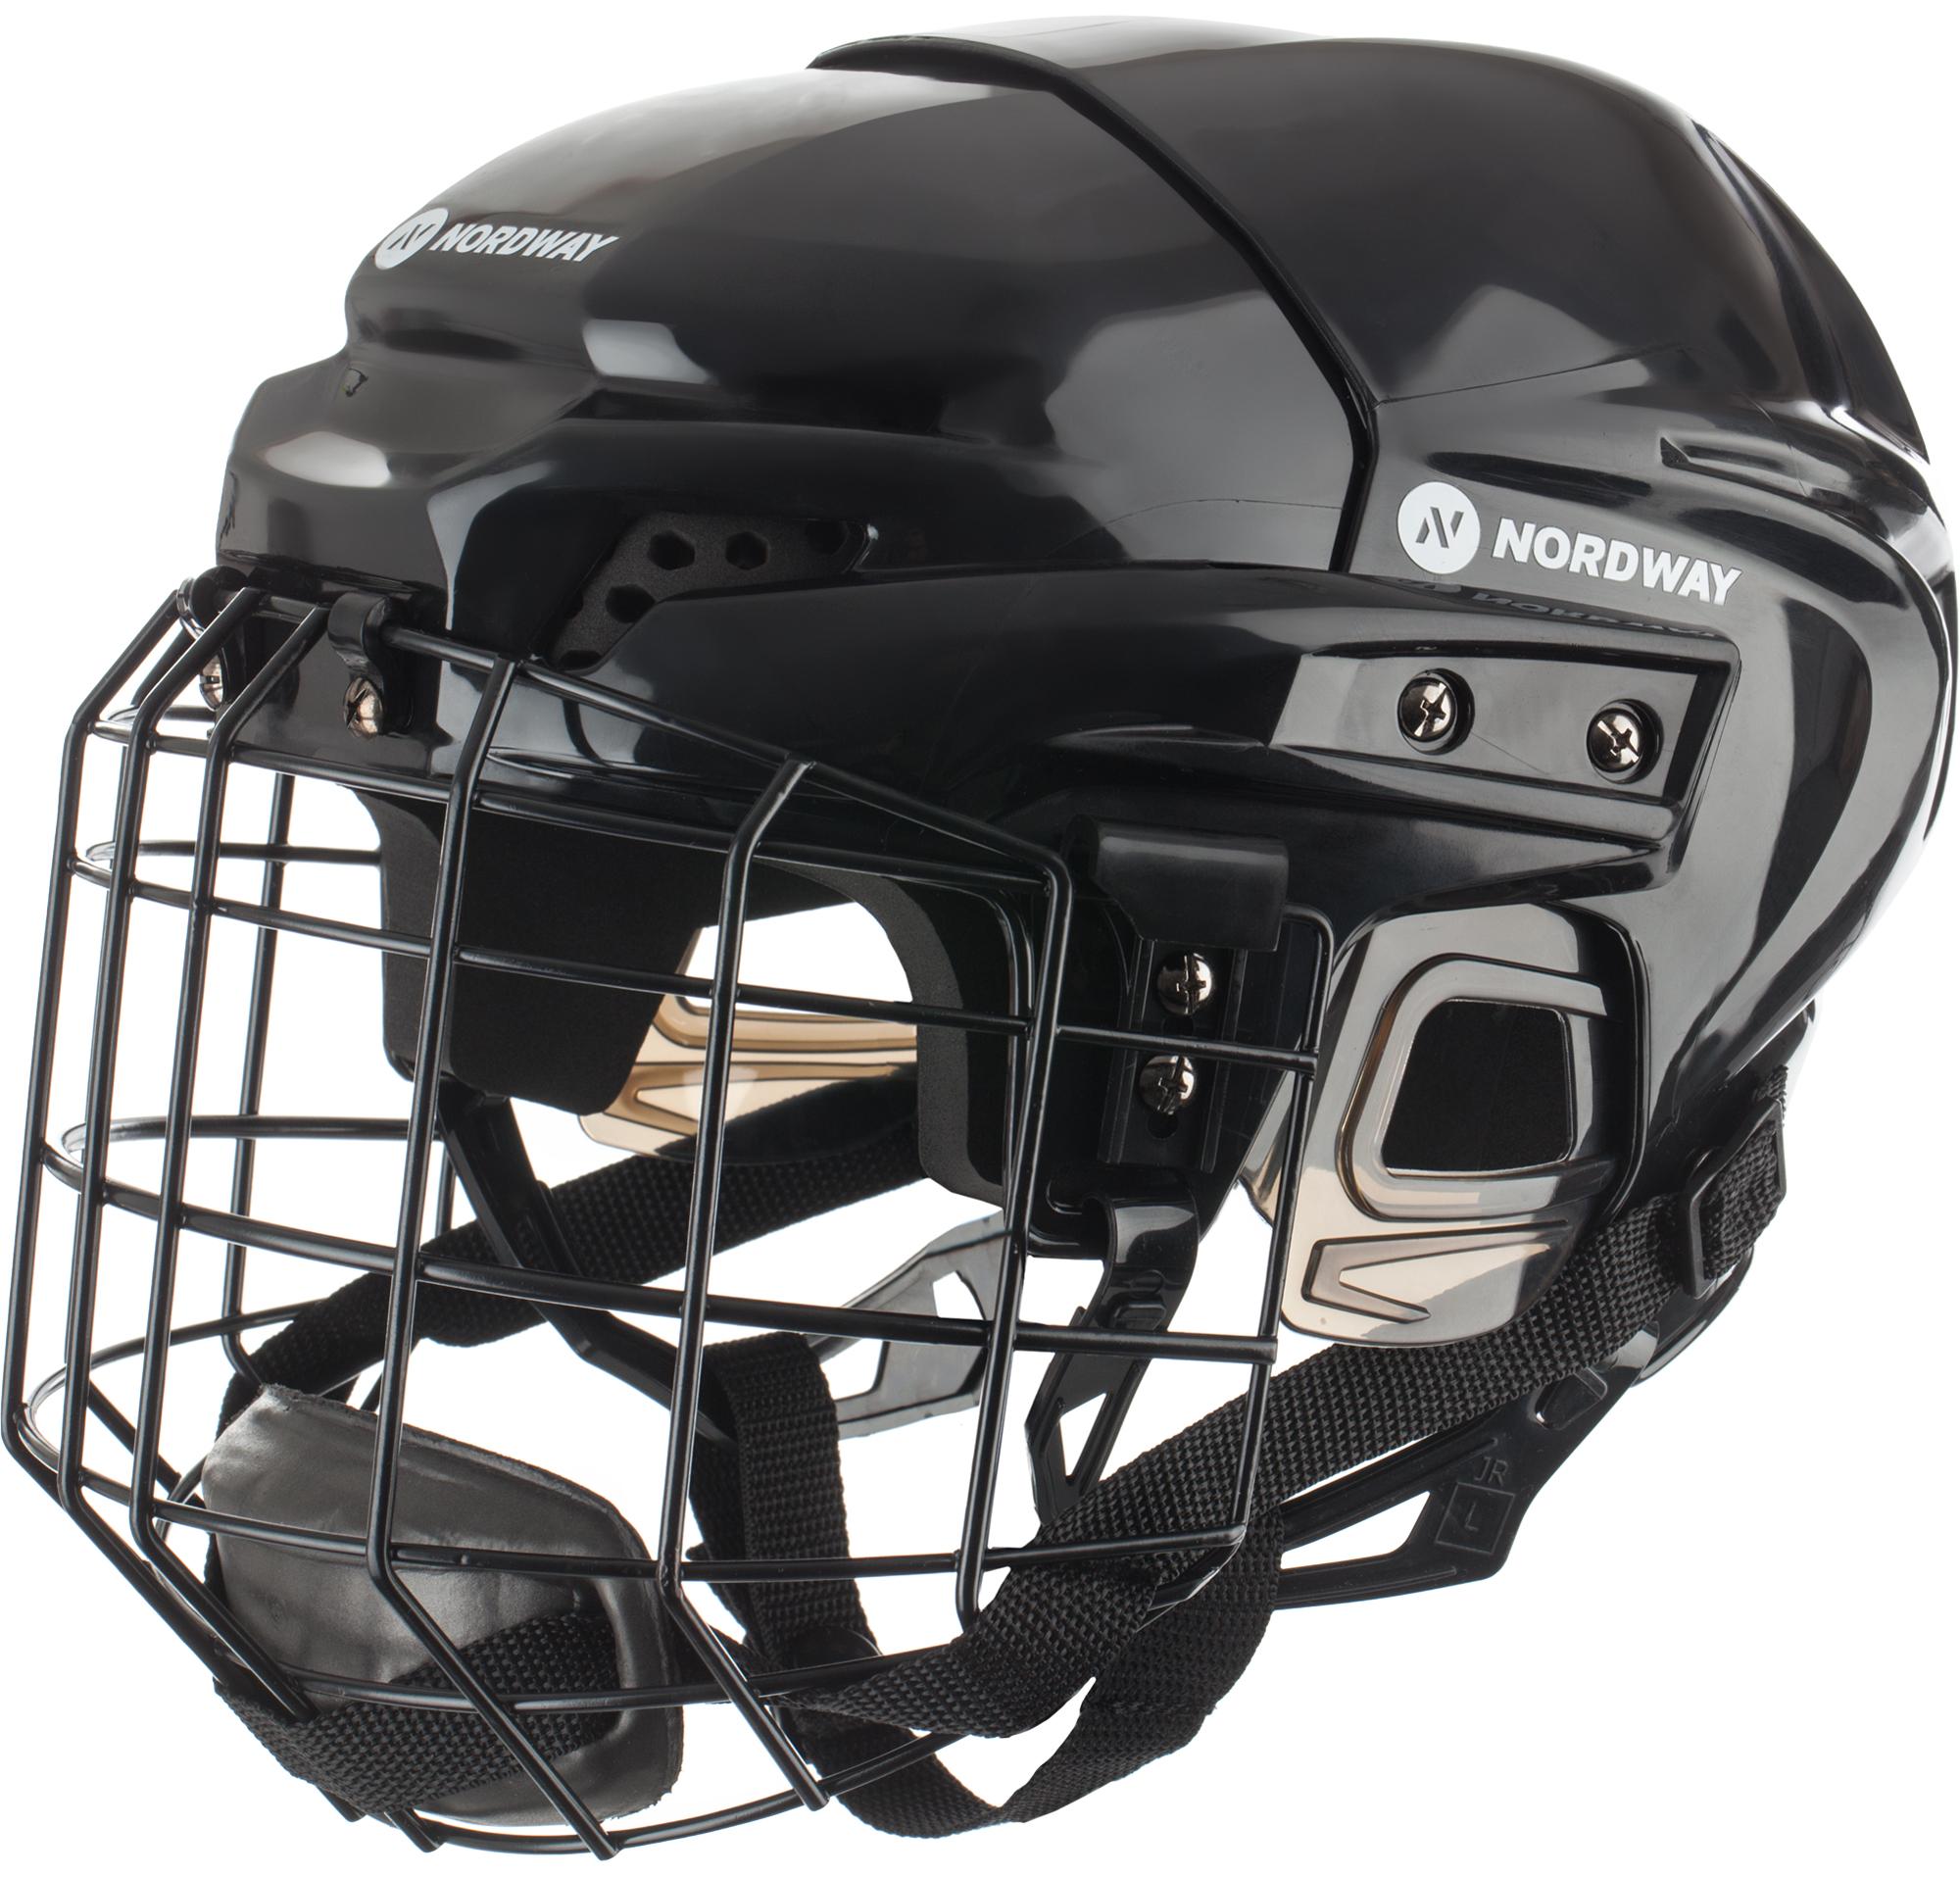 Nordway Шлем хоккейный с маской детский Nordway